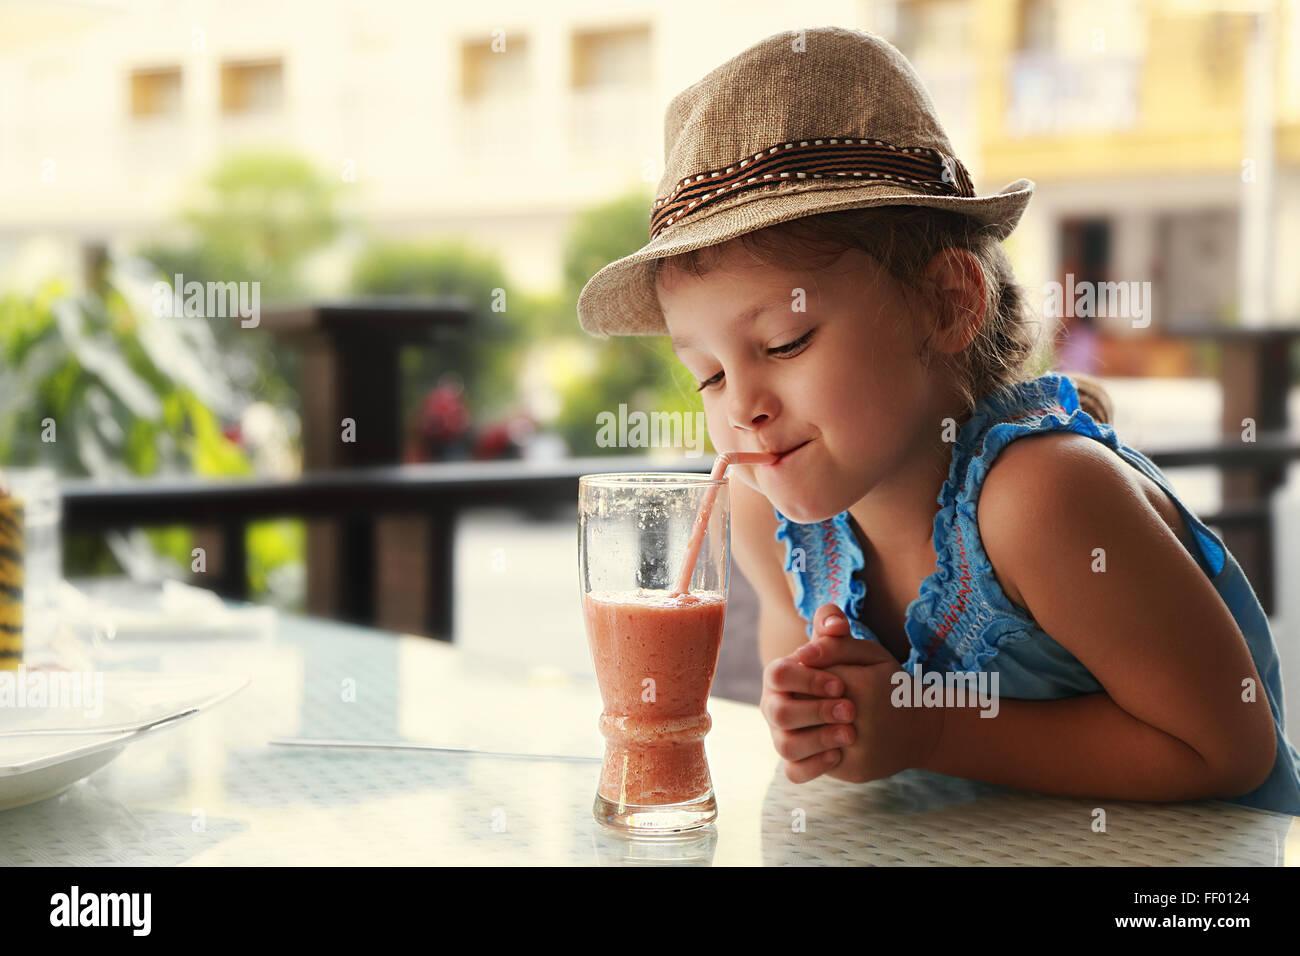 Lindo pensar chico chica beber jugo sabroso en el restaurante de la calle Imagen De Stock